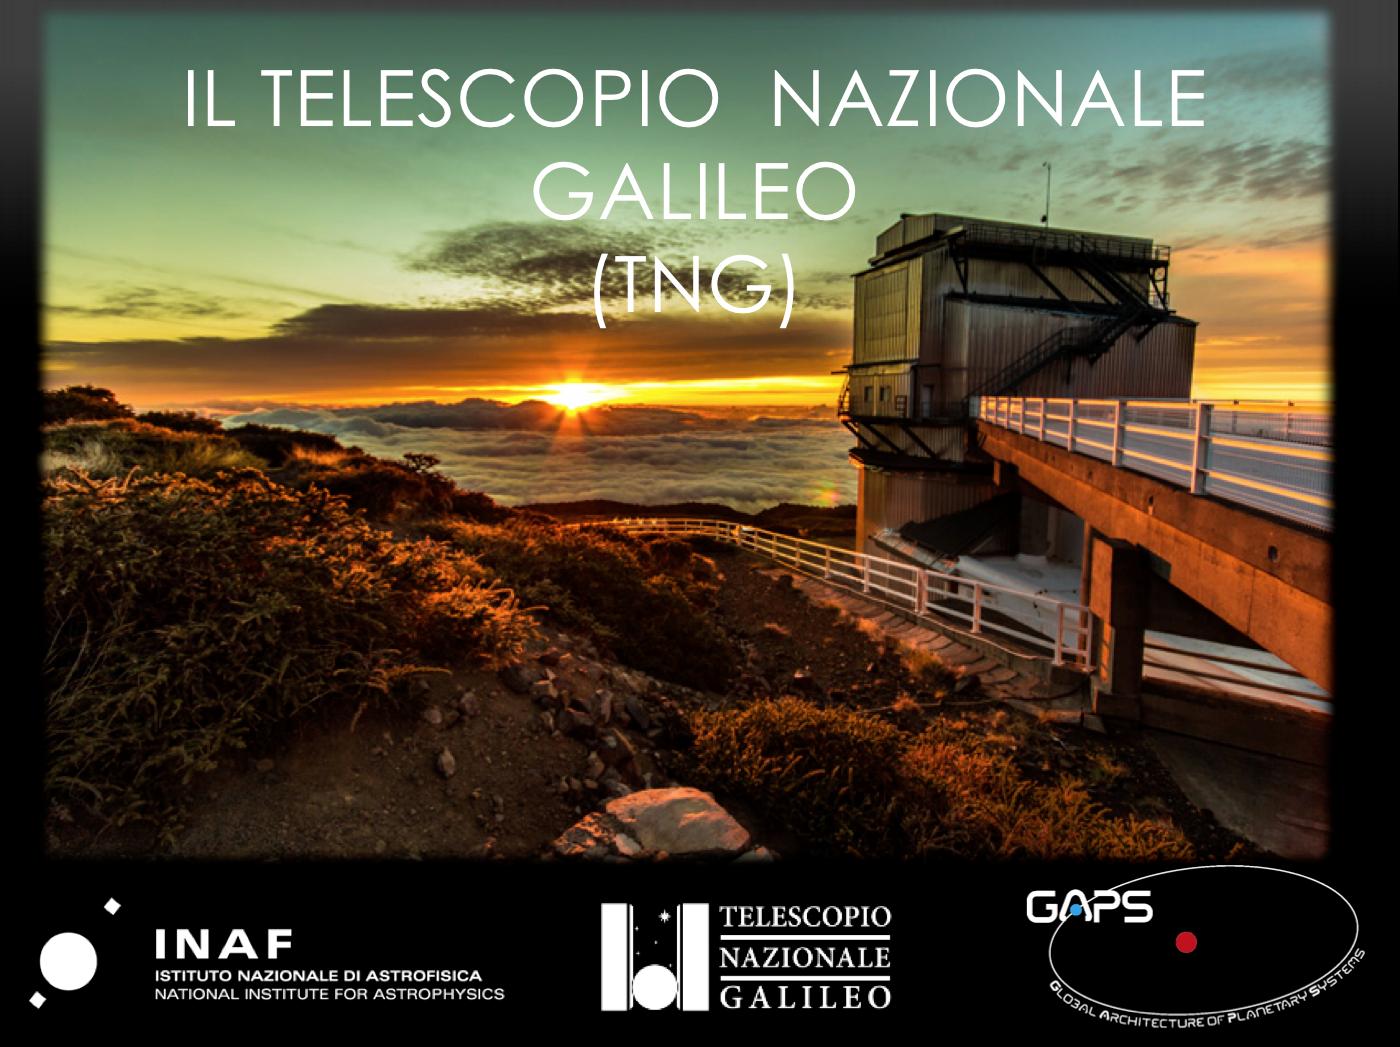 Il Telescopio Nazonale Galileo